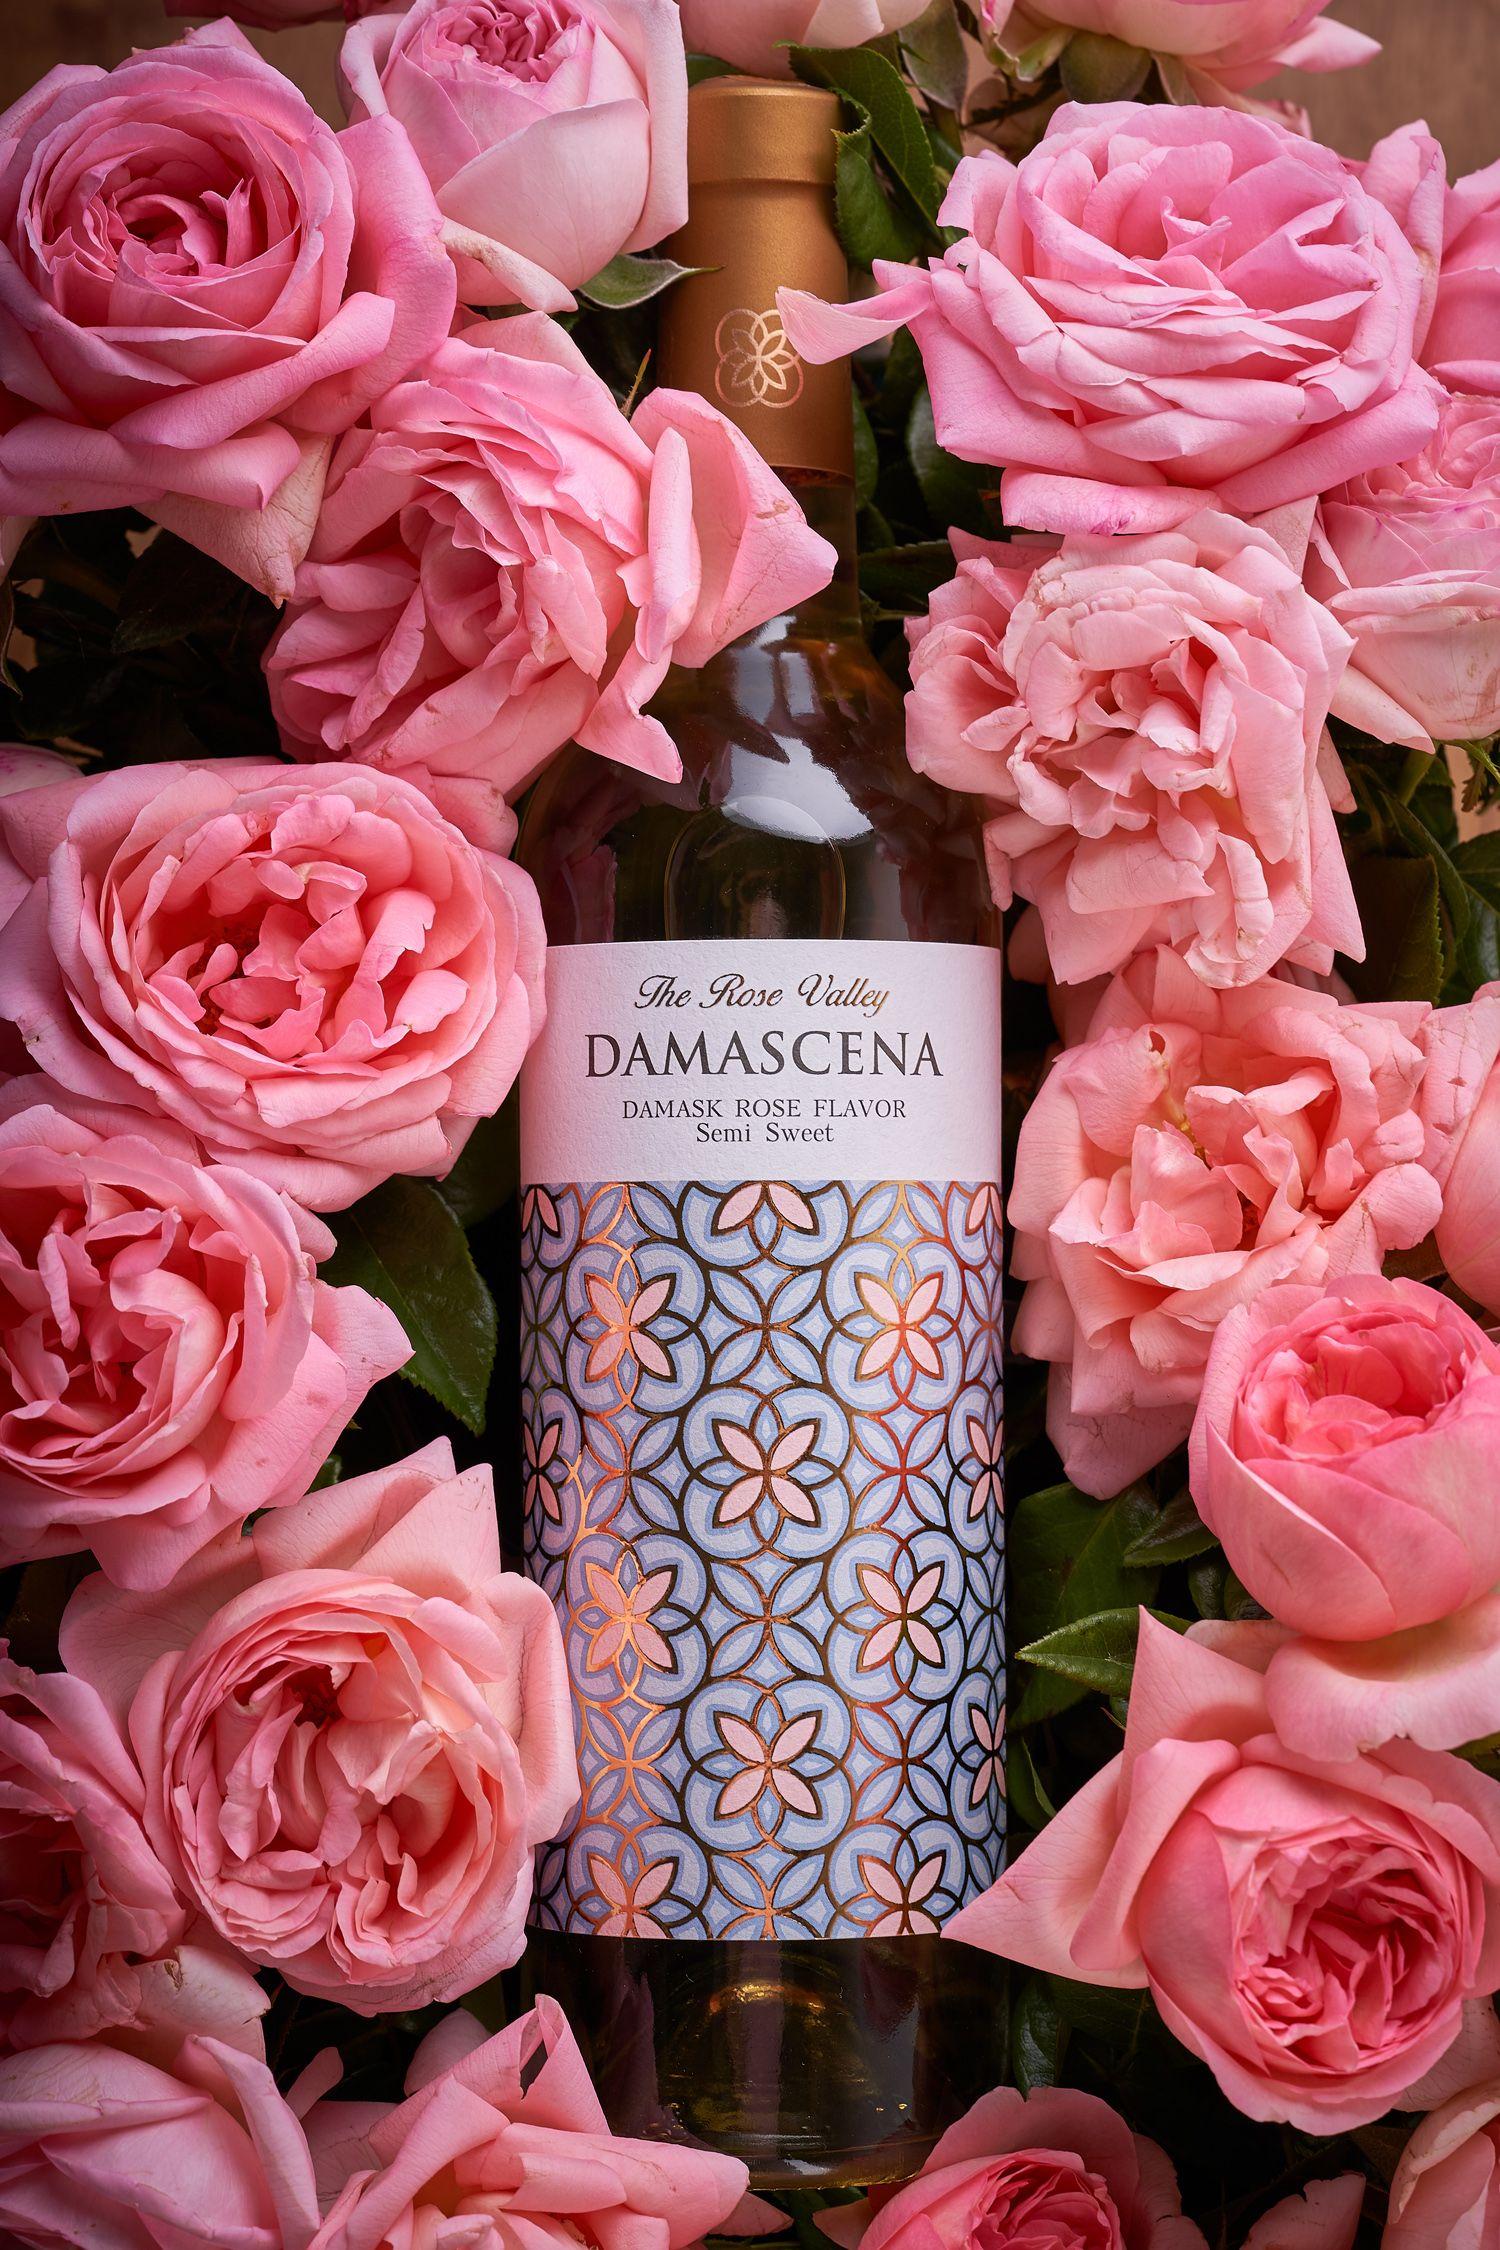 Damascena Rose Wine Label Packaging Design In 2020 Rose Wine Label Wine Label Packaging Packaging Design